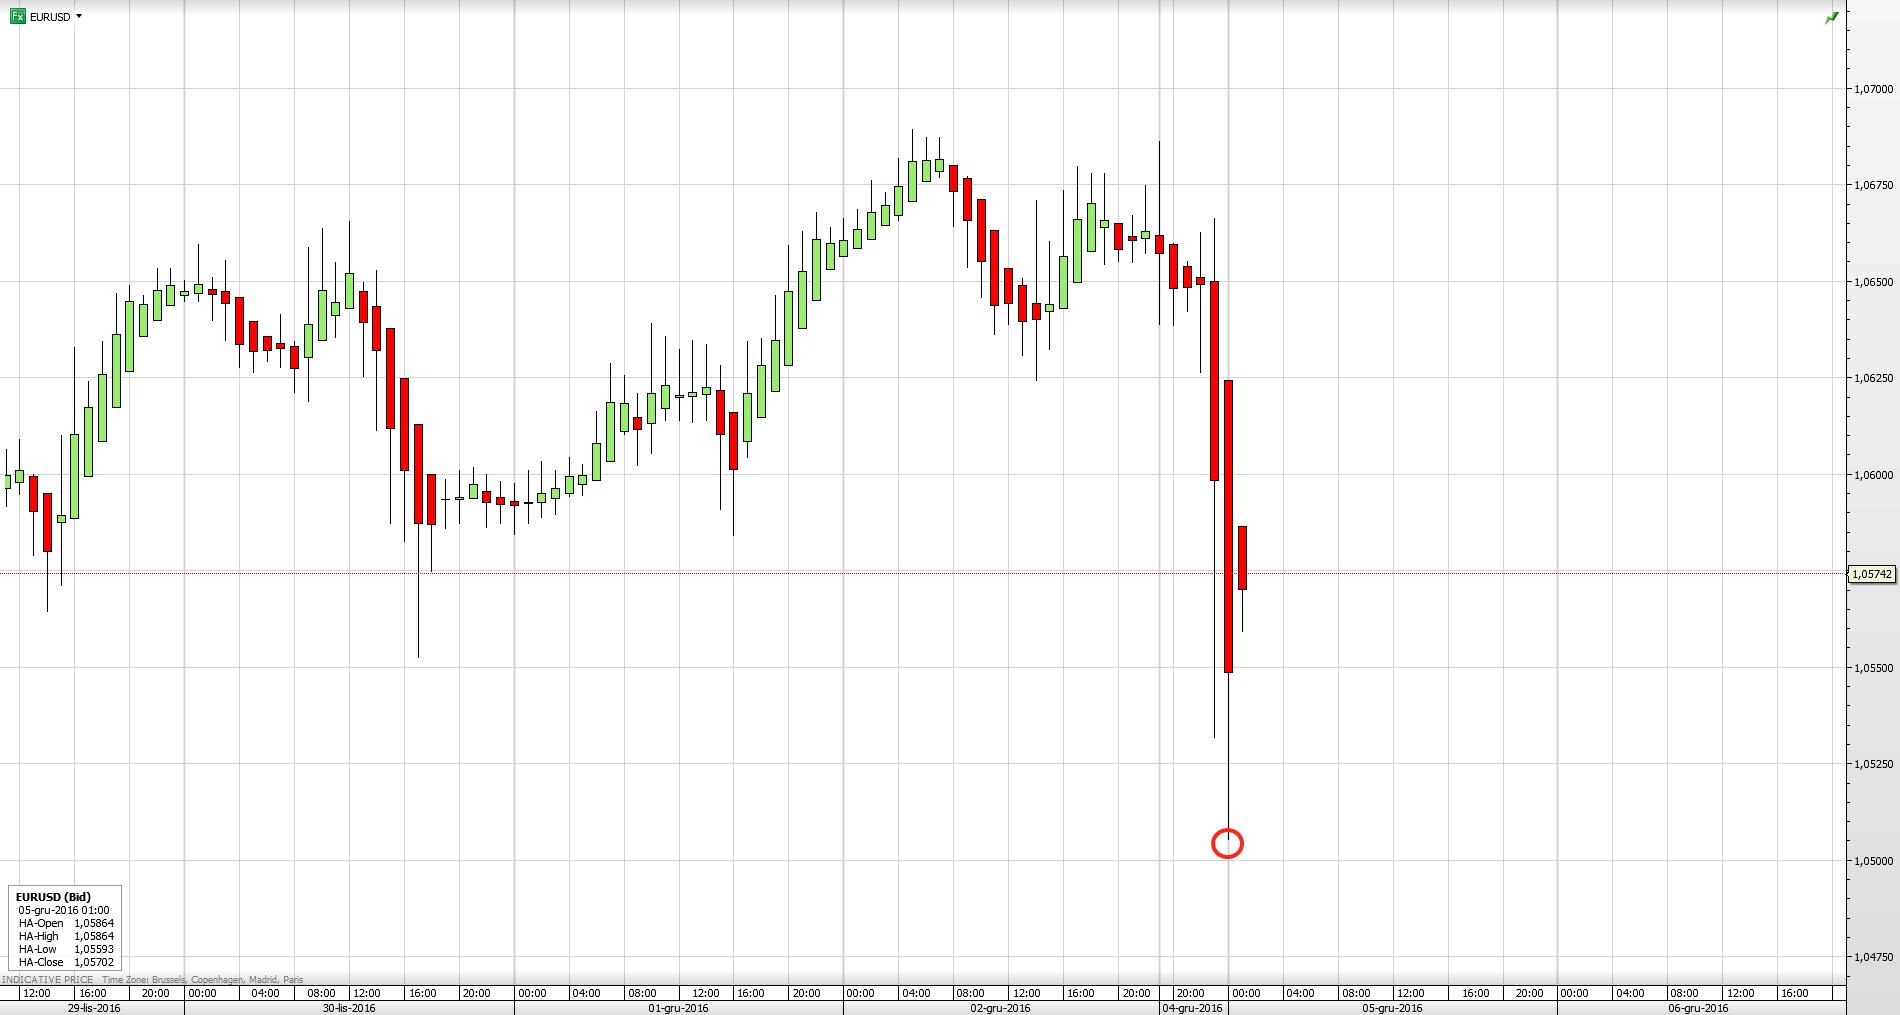 Reakcja pary walutowej EUR/USD na wyniki referendum we Włoszech